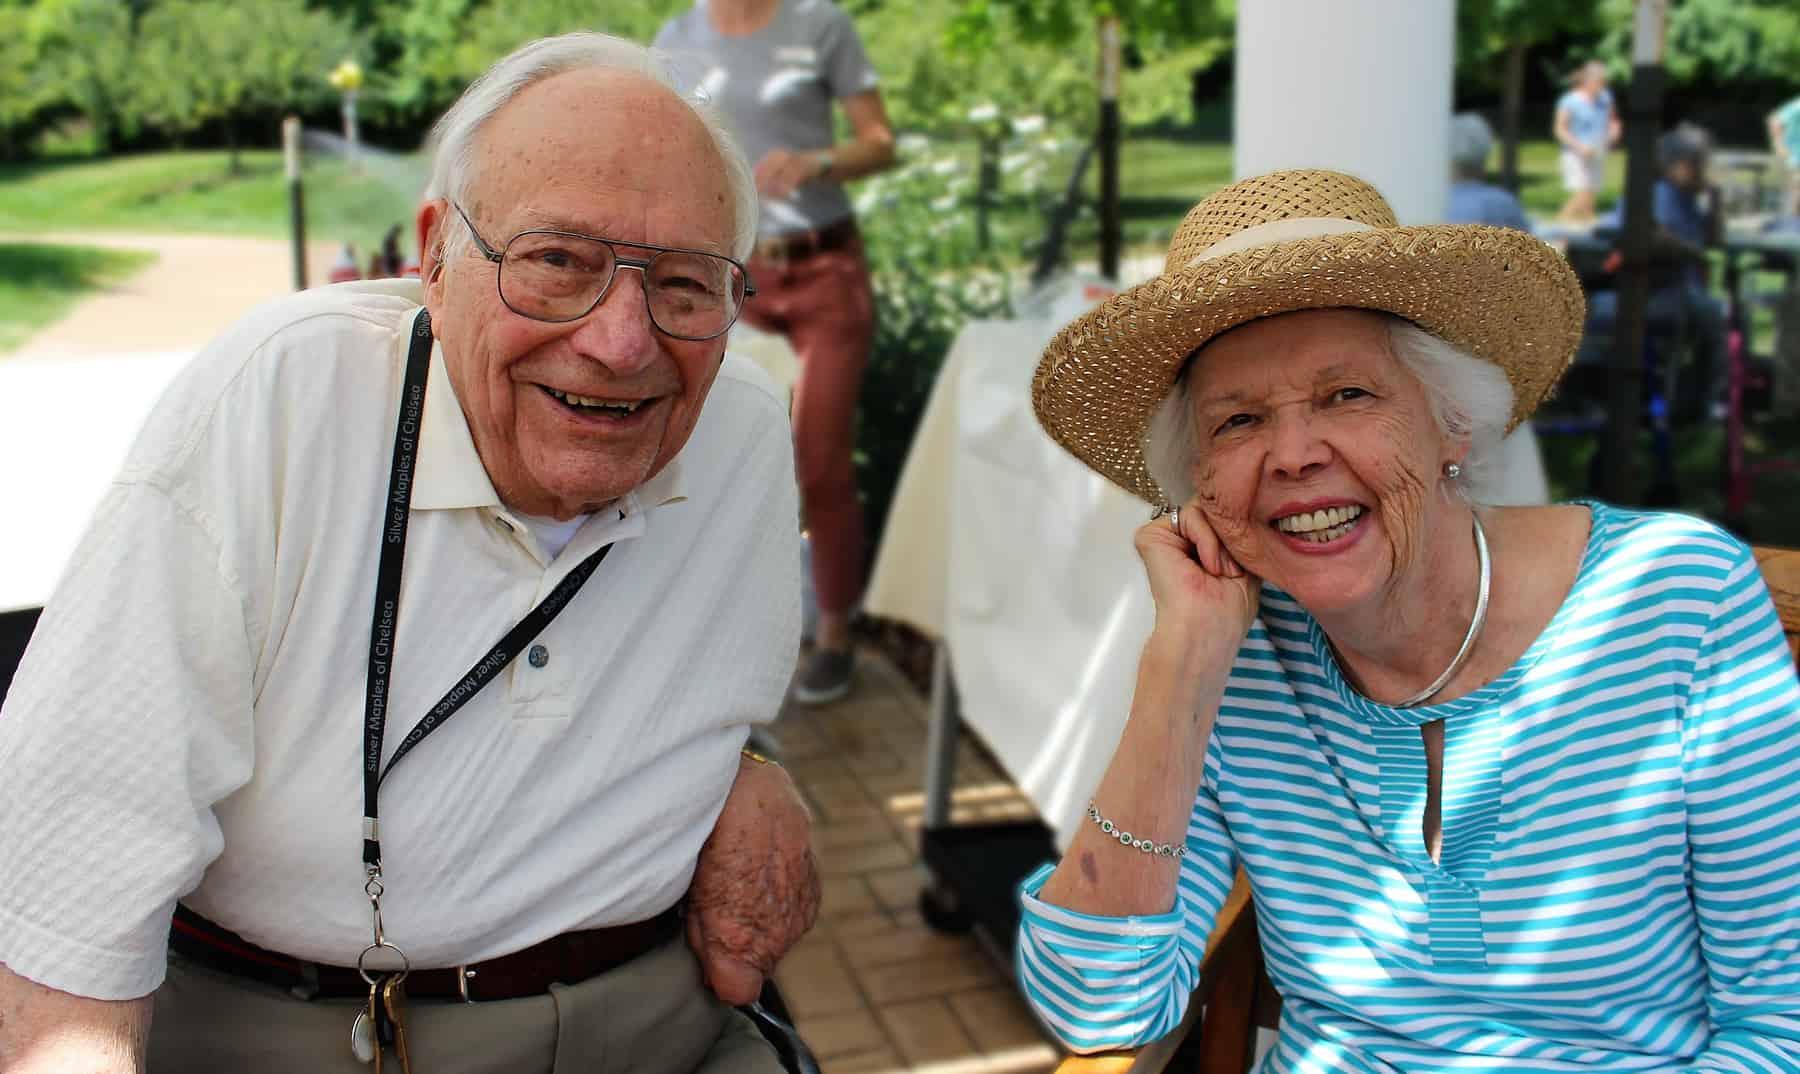 Senior couple enjoys their community